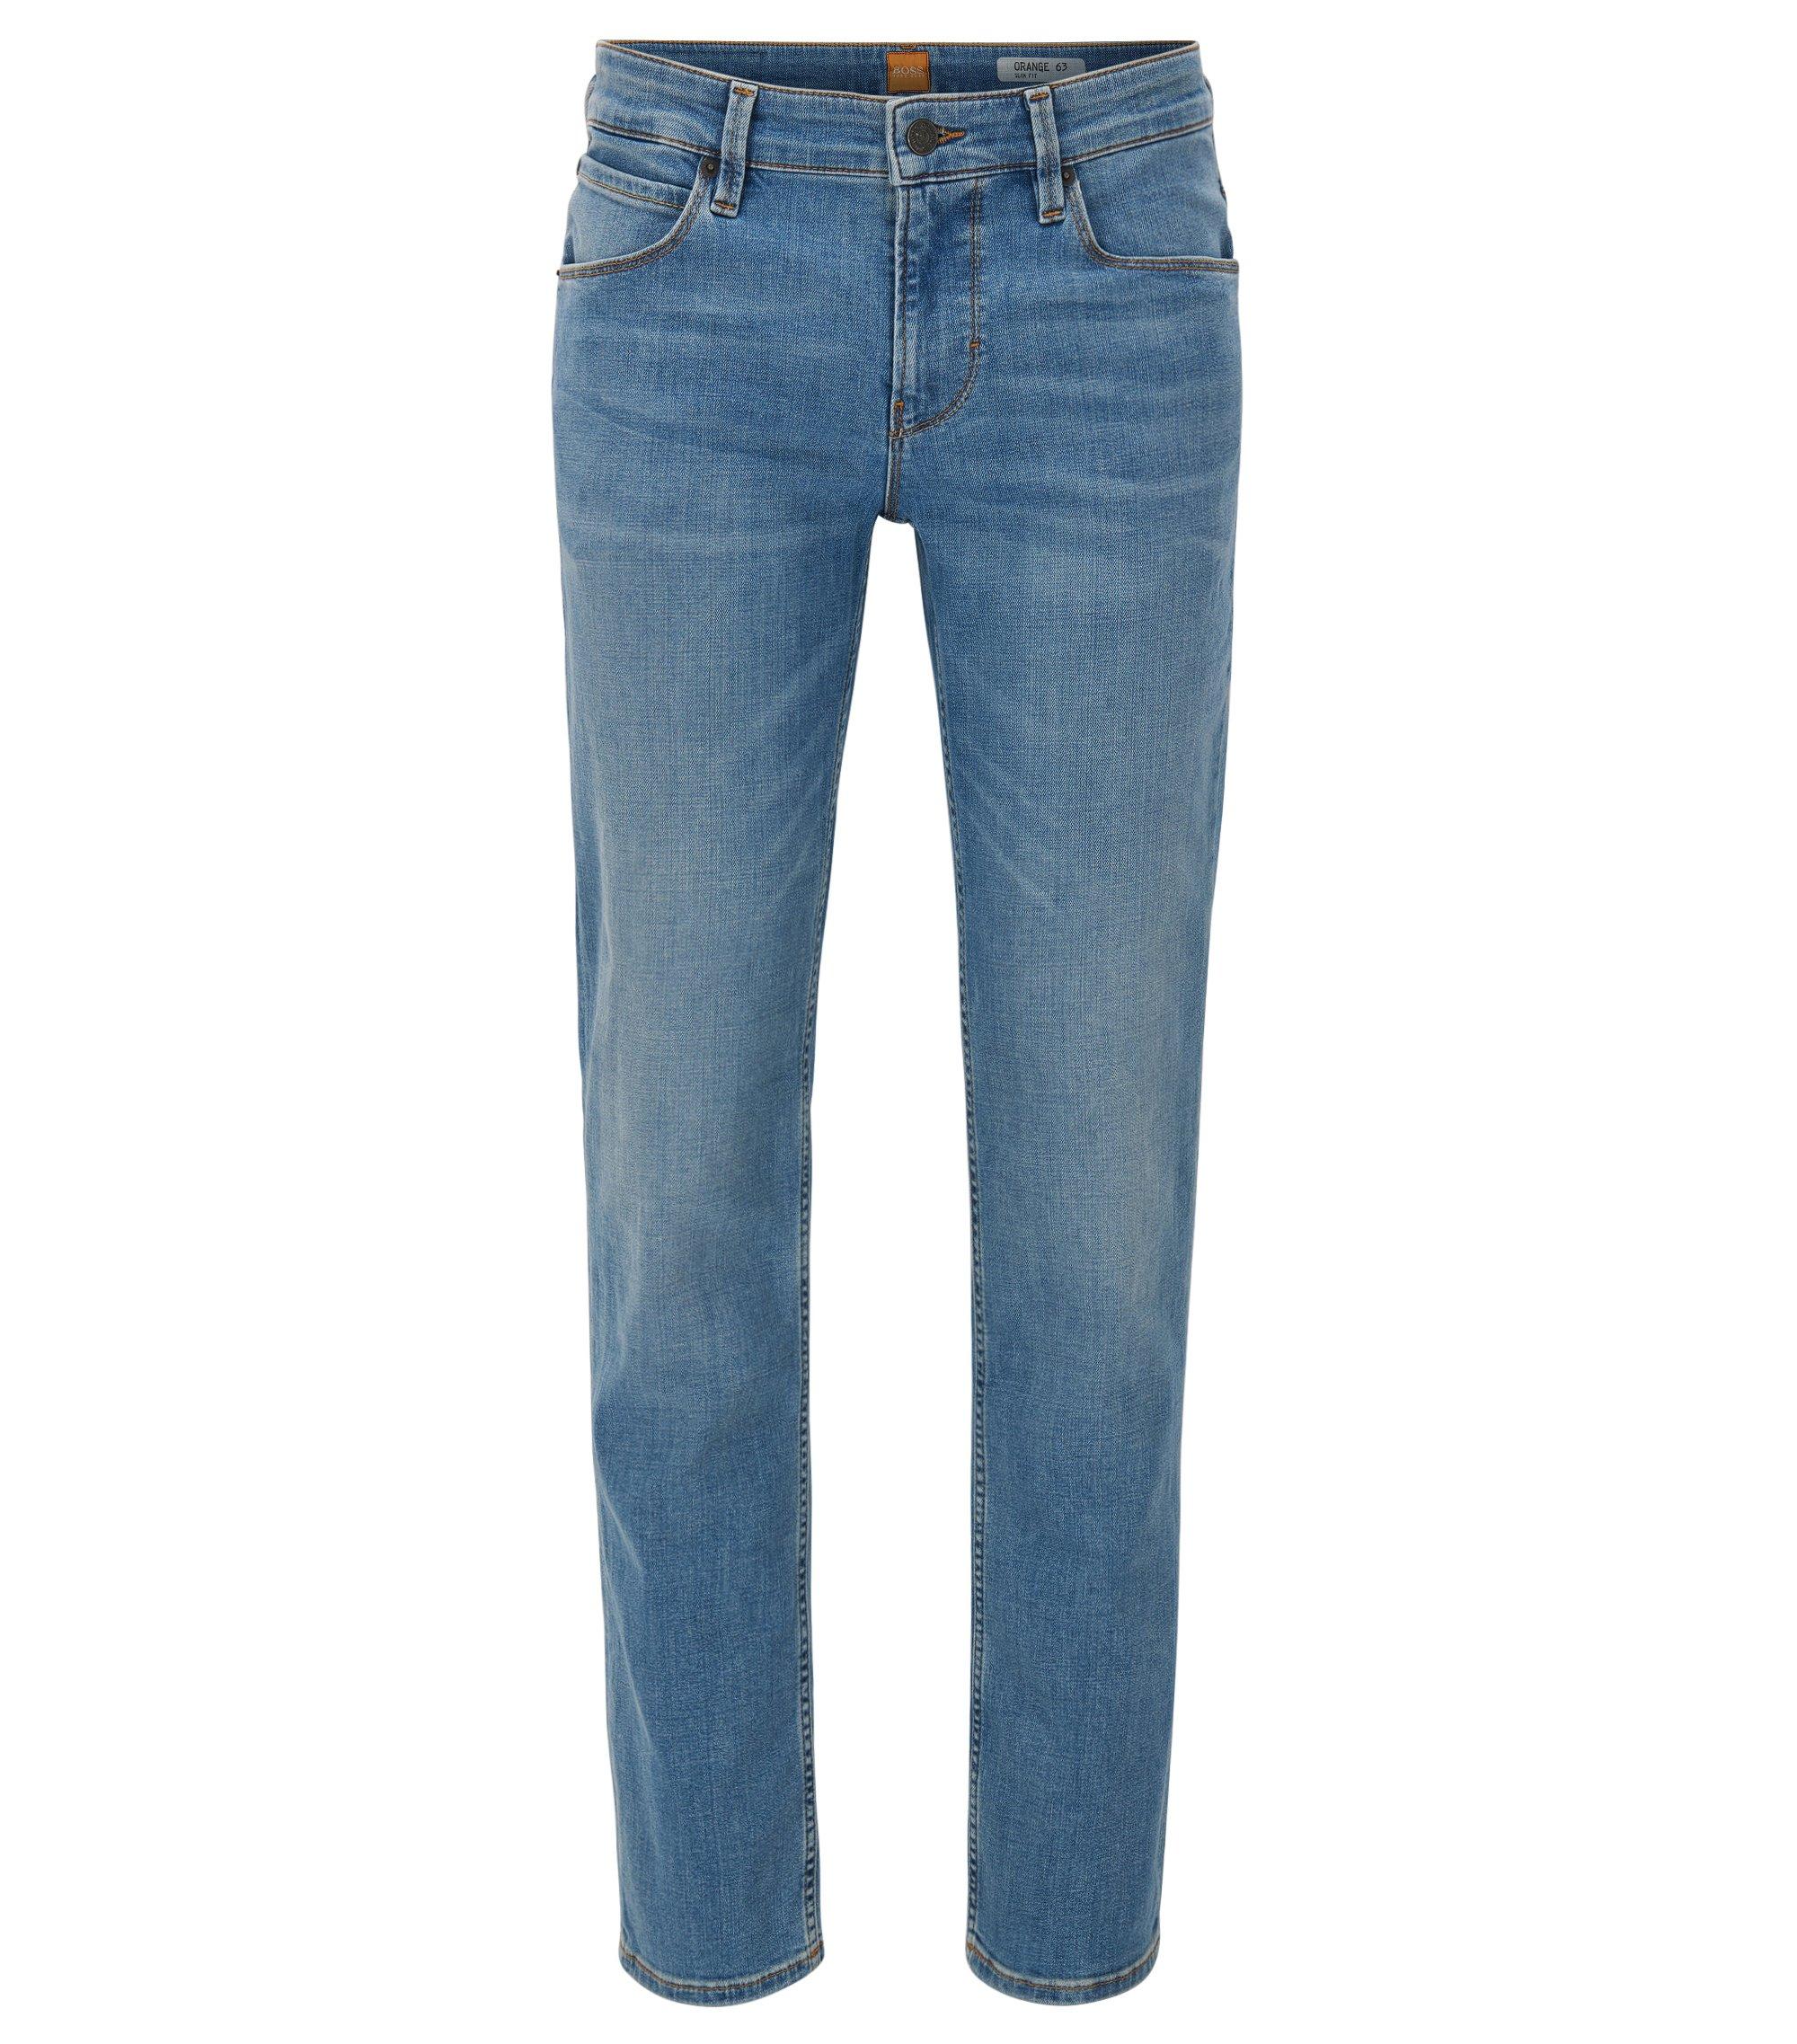 Jeans slim fit in twill di denim 3x1, Blu